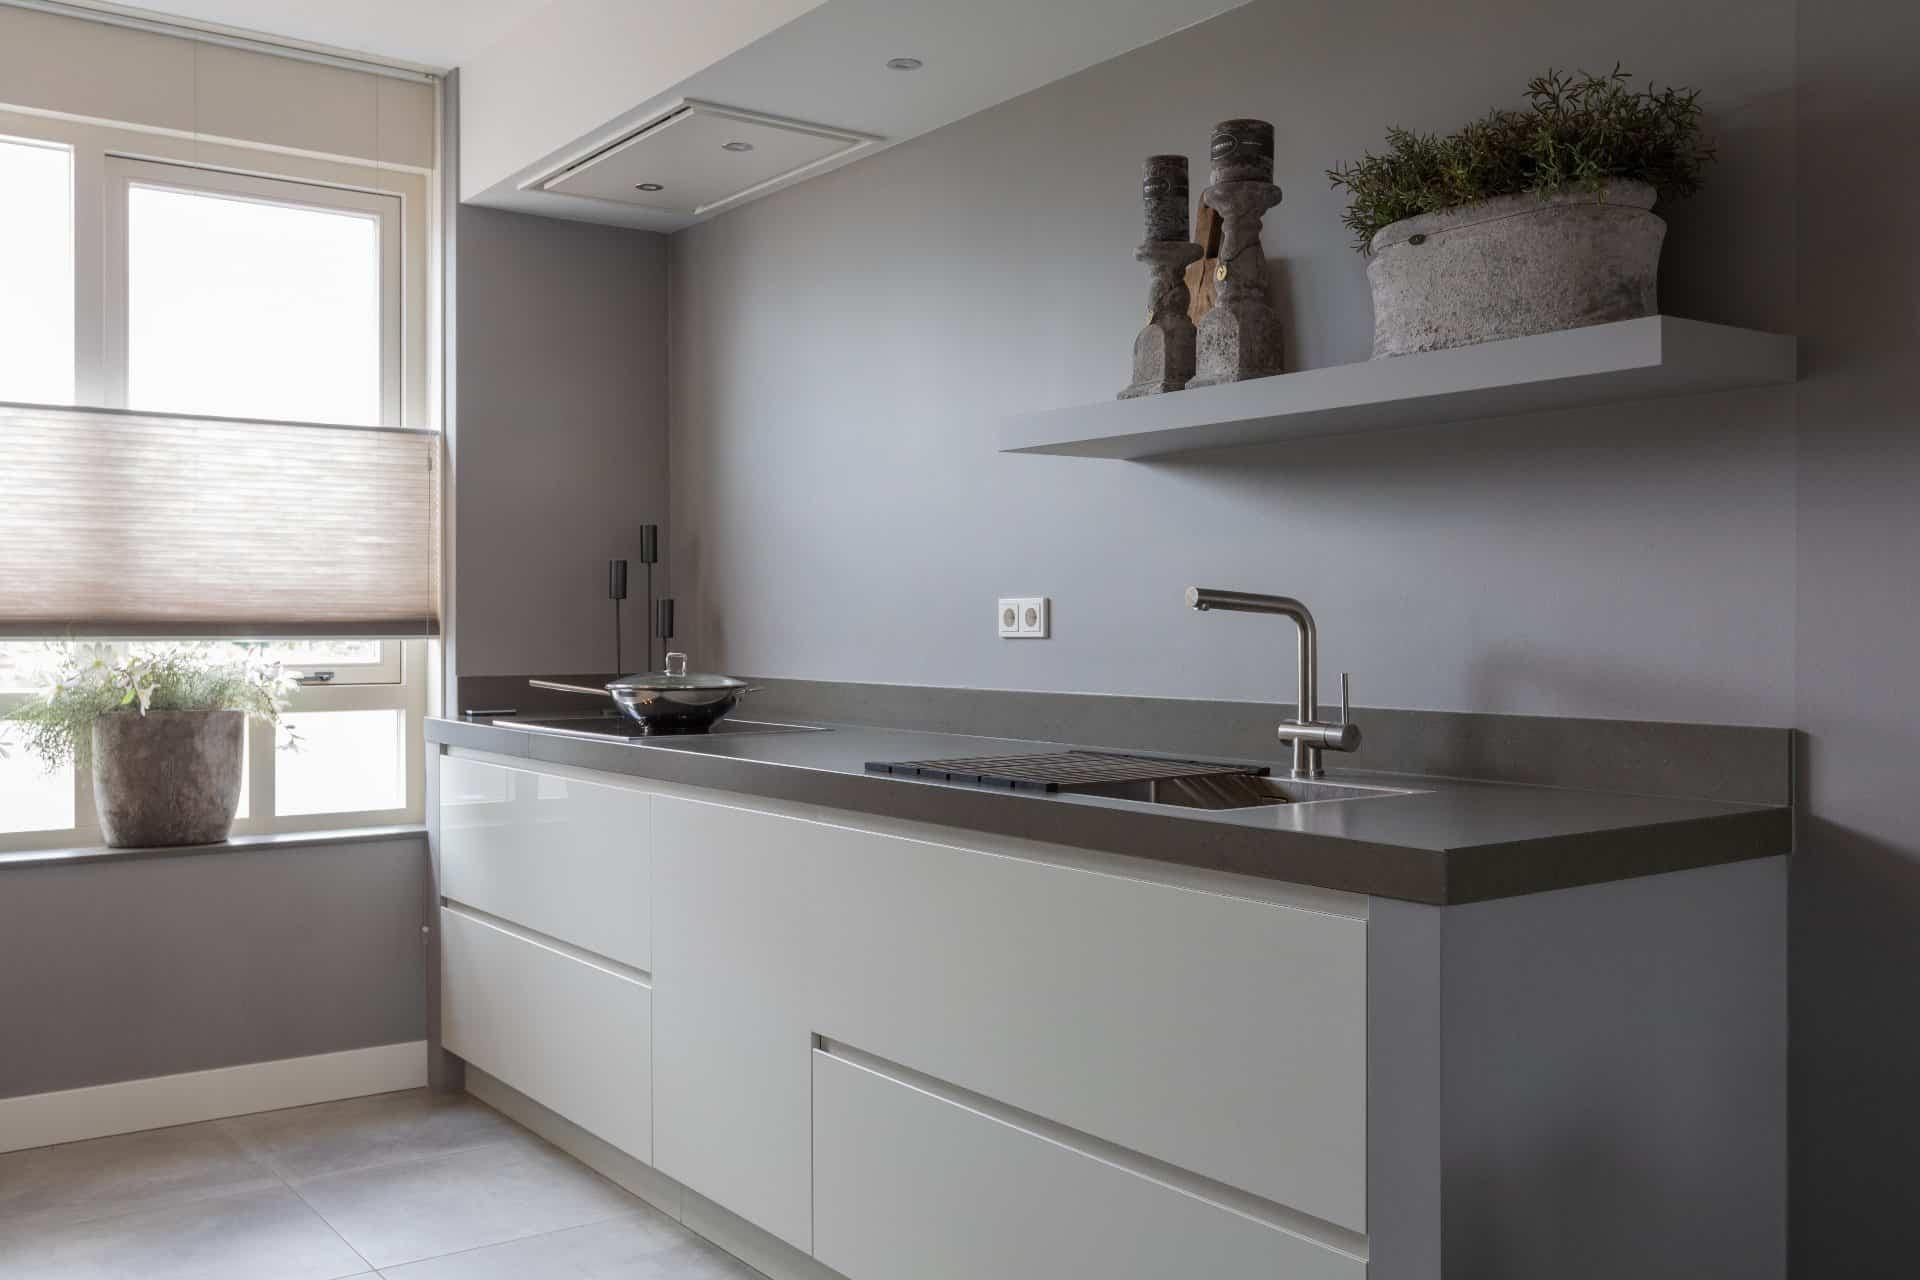 Greeploze keuken in parallel opstelling | Barneveld